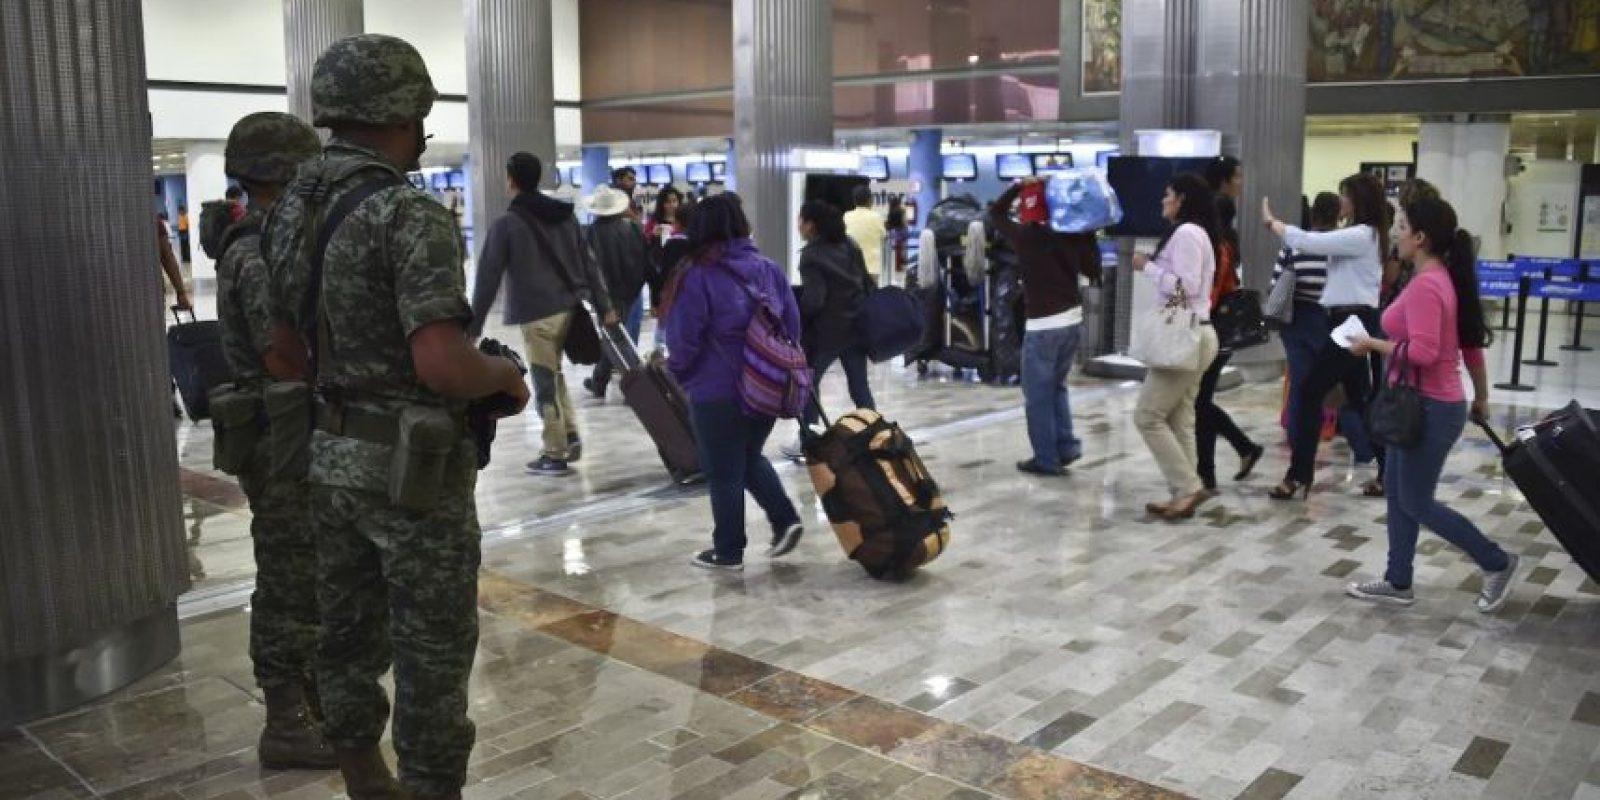 Las autoridades mexicanas ofrecen una recompensa por información que lleve a su captura Foto:AFP